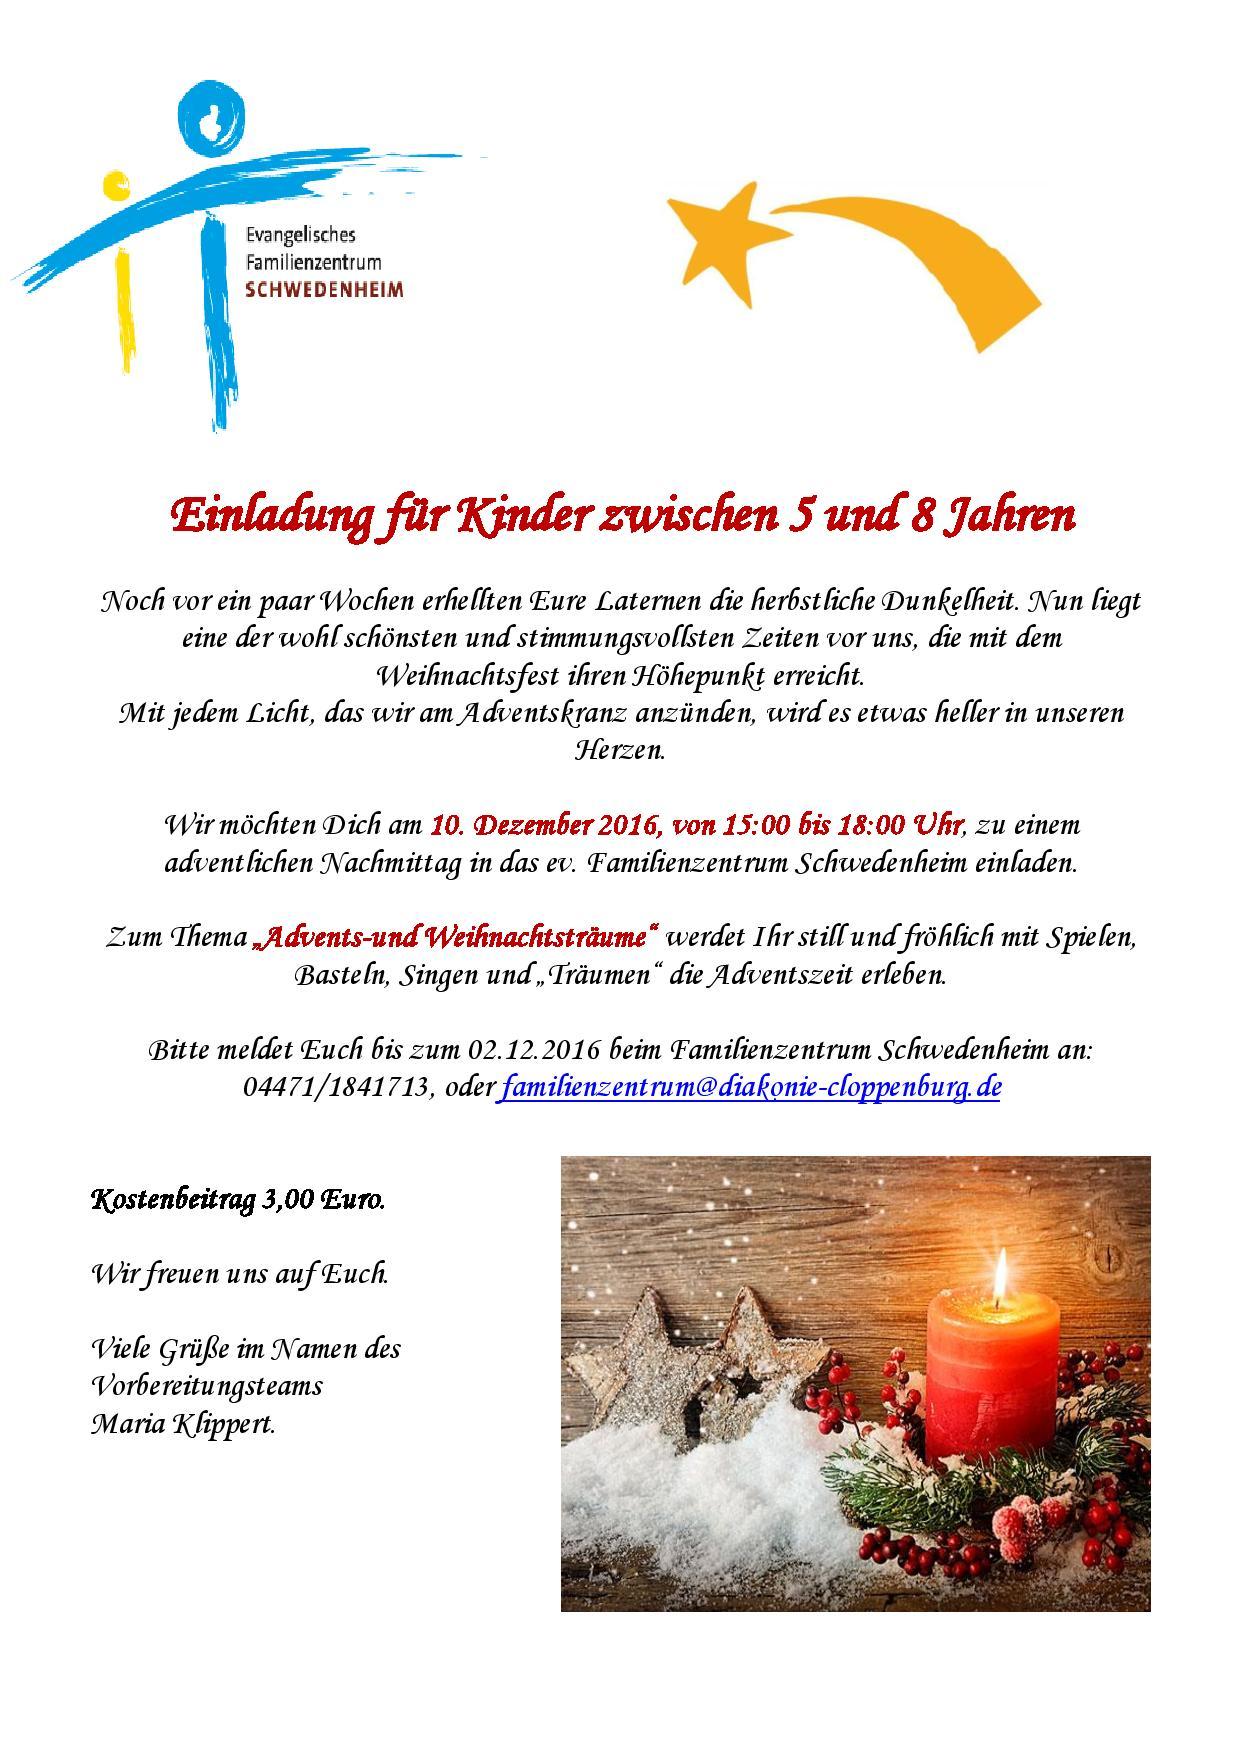 Einladung Advents und Weihnachtsträume 2016-page-001